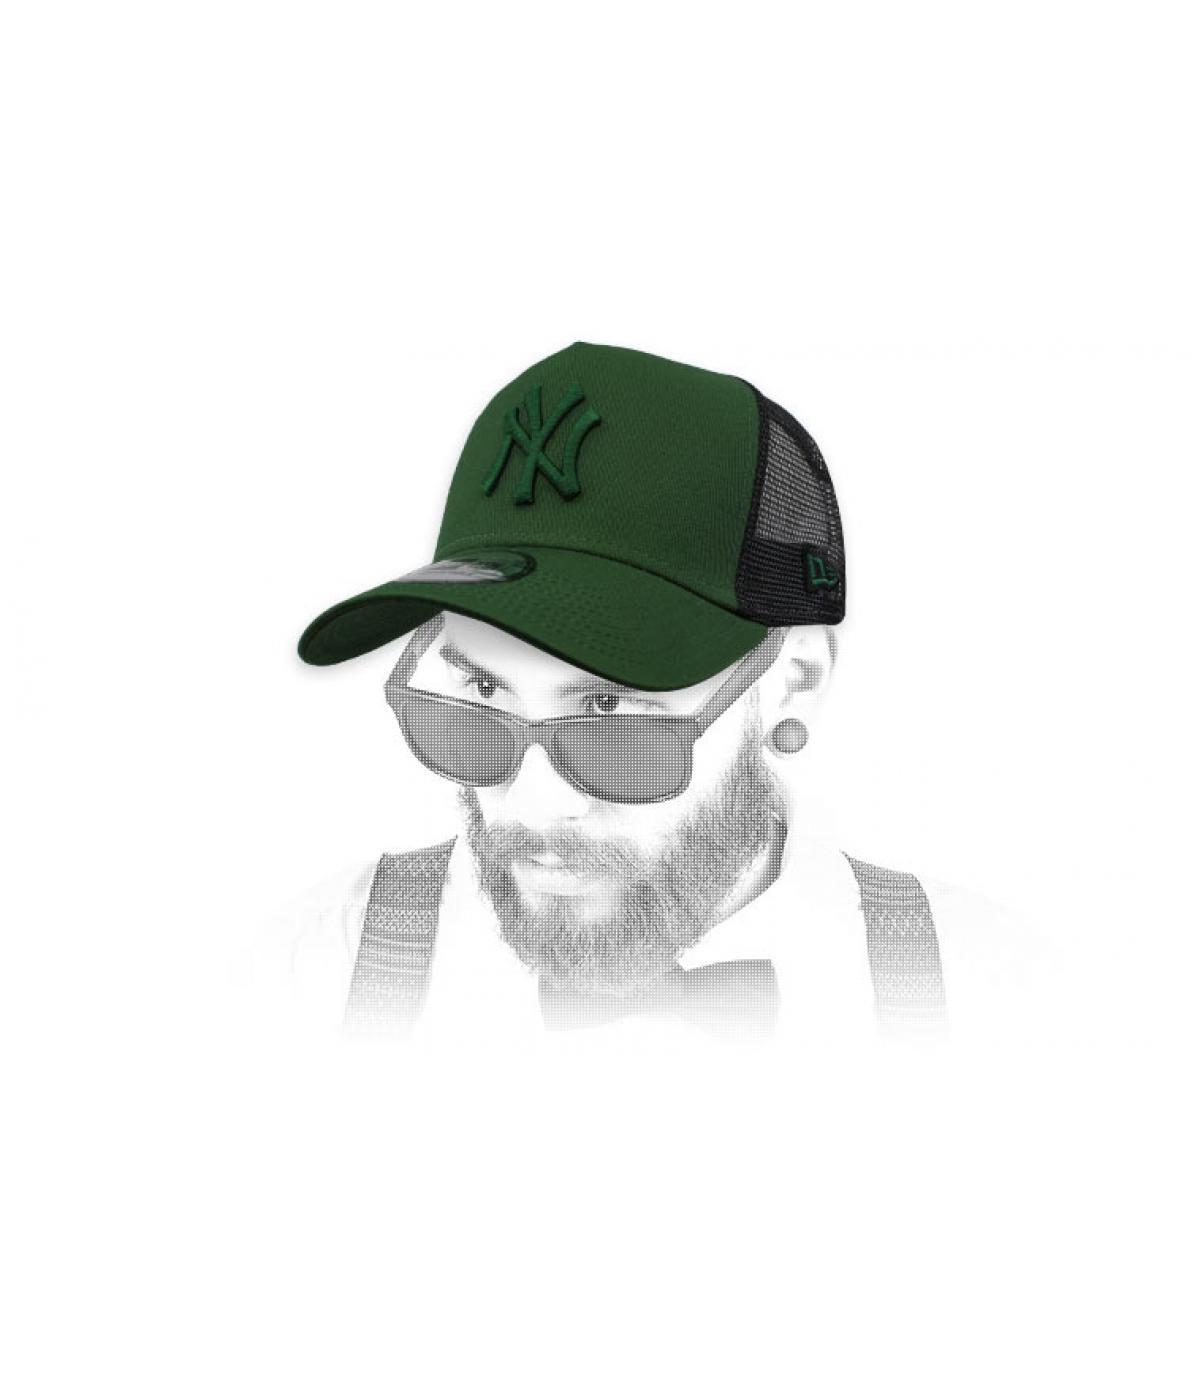 black green NY trucker